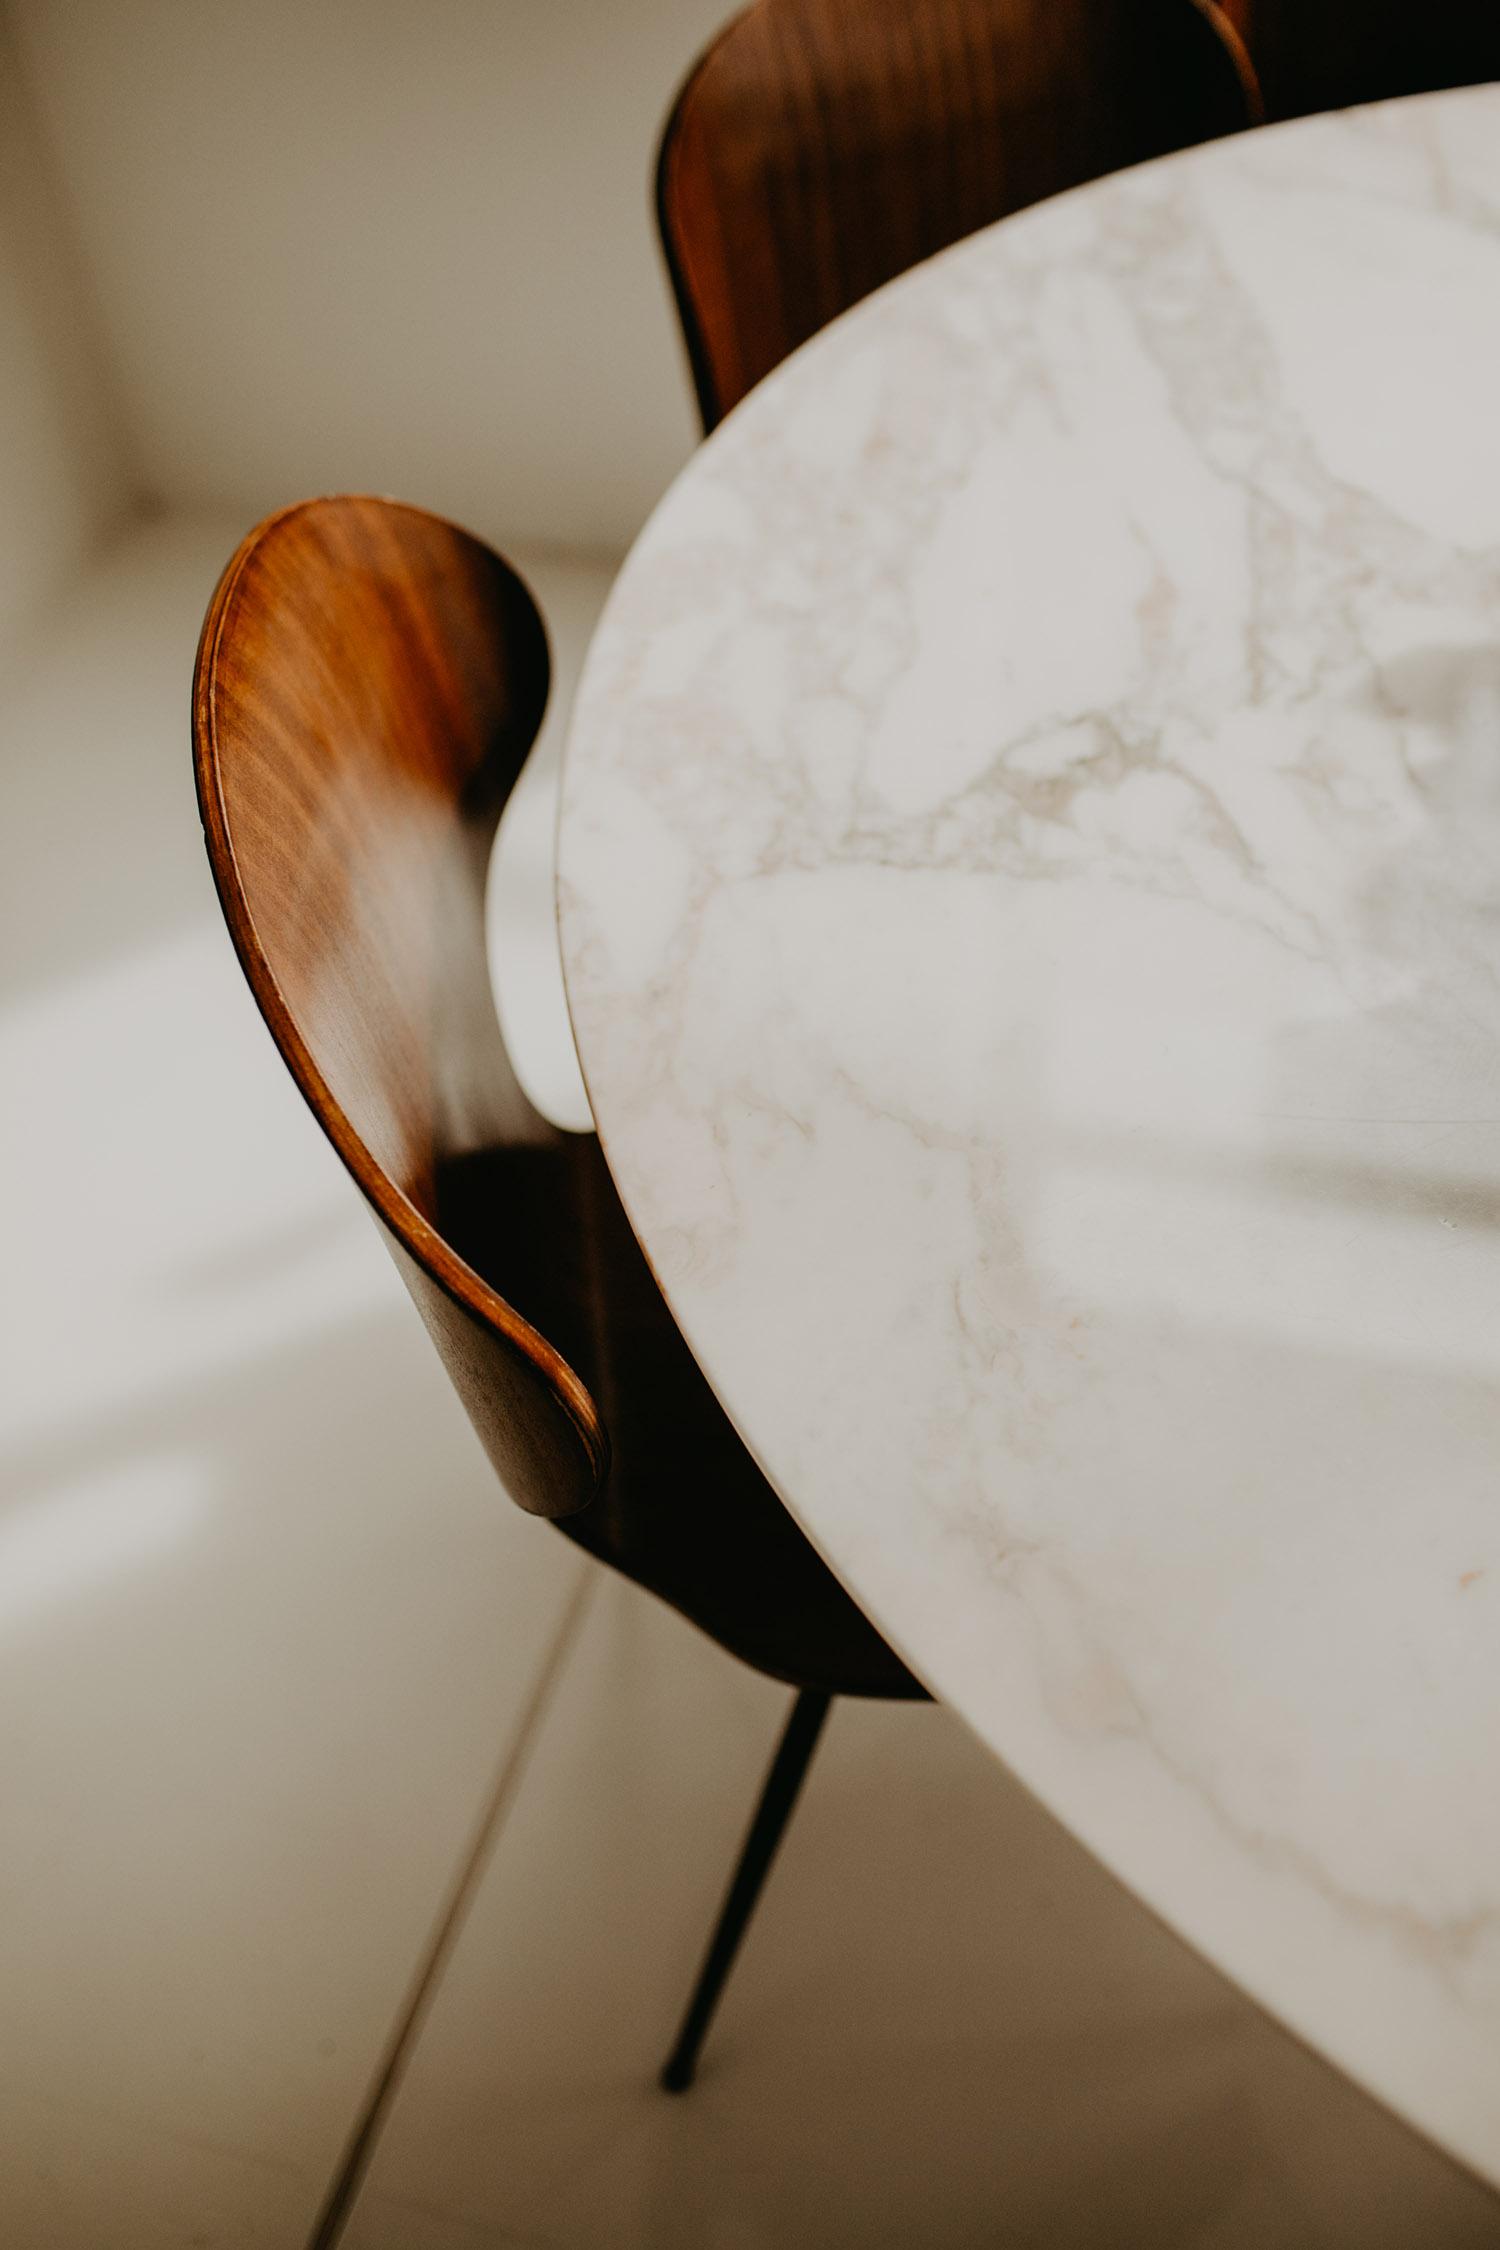 Fotograf-Anna-Fichtner-Interior-Fotoshooting-Luxus-Villa-Tisch-i1-Stuhl